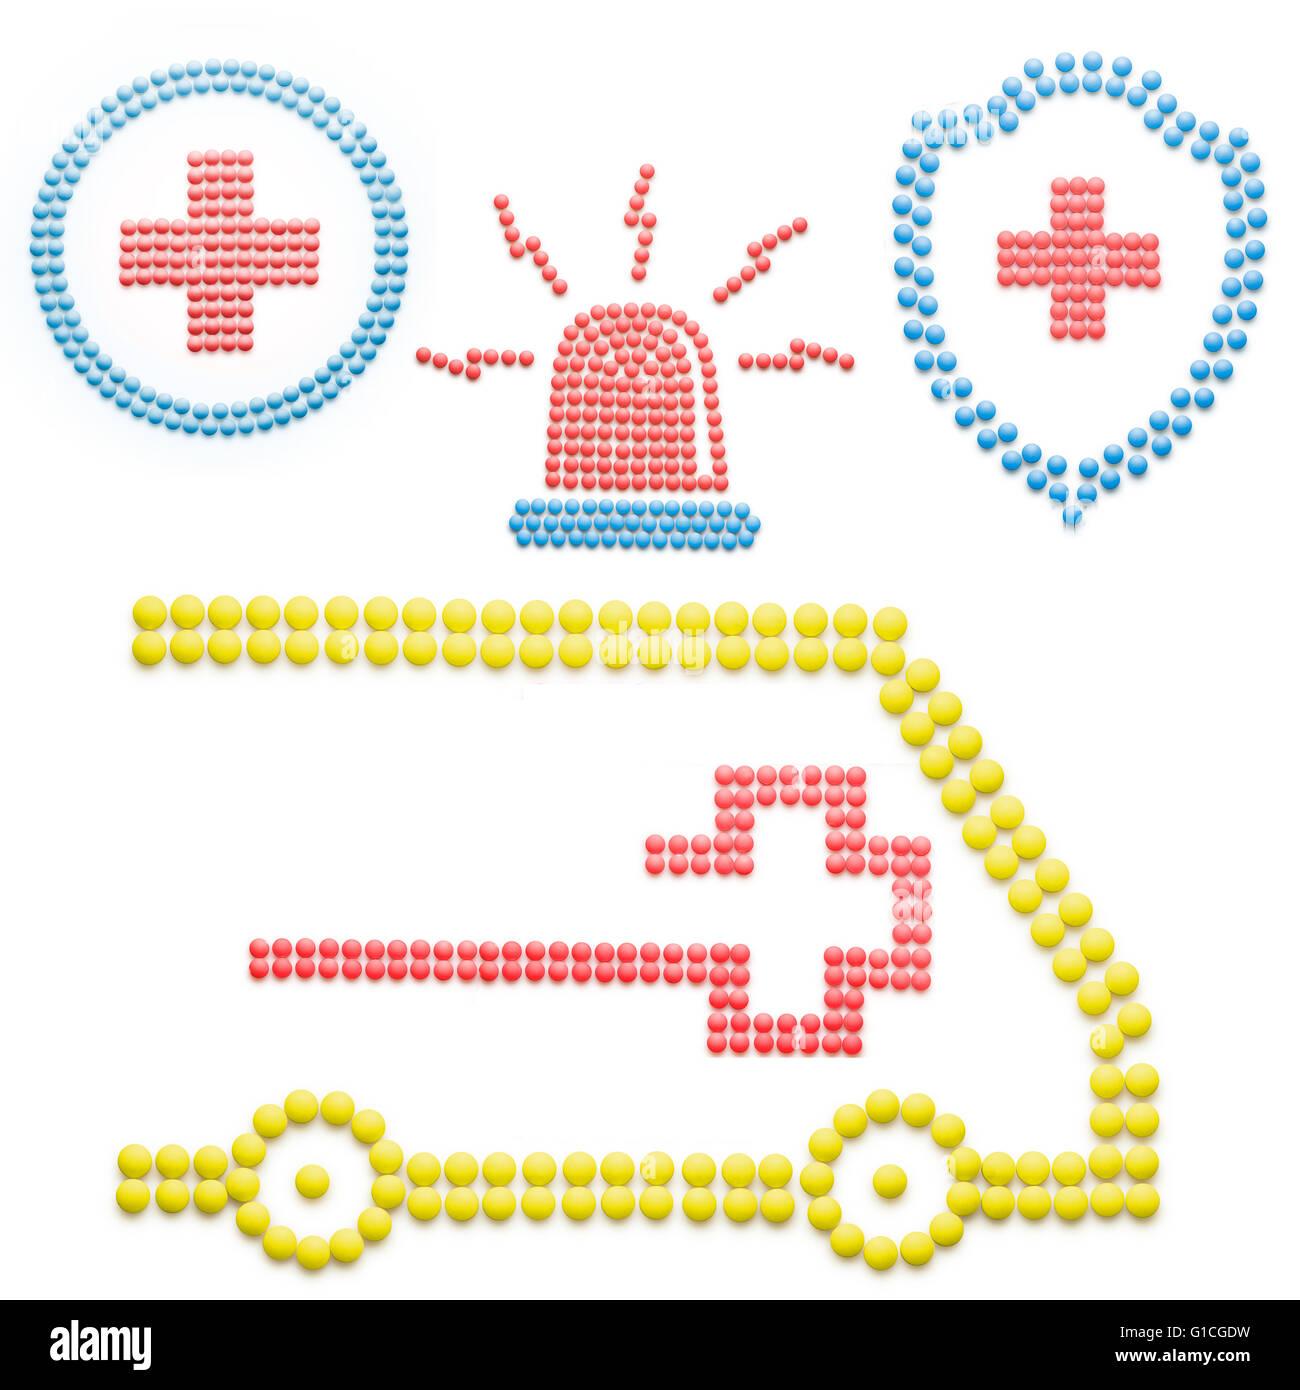 Creative medicina e sanità concetto fatta di droghe e pillole di emergenza ambulanza con sirena isolato su Immagini Stock